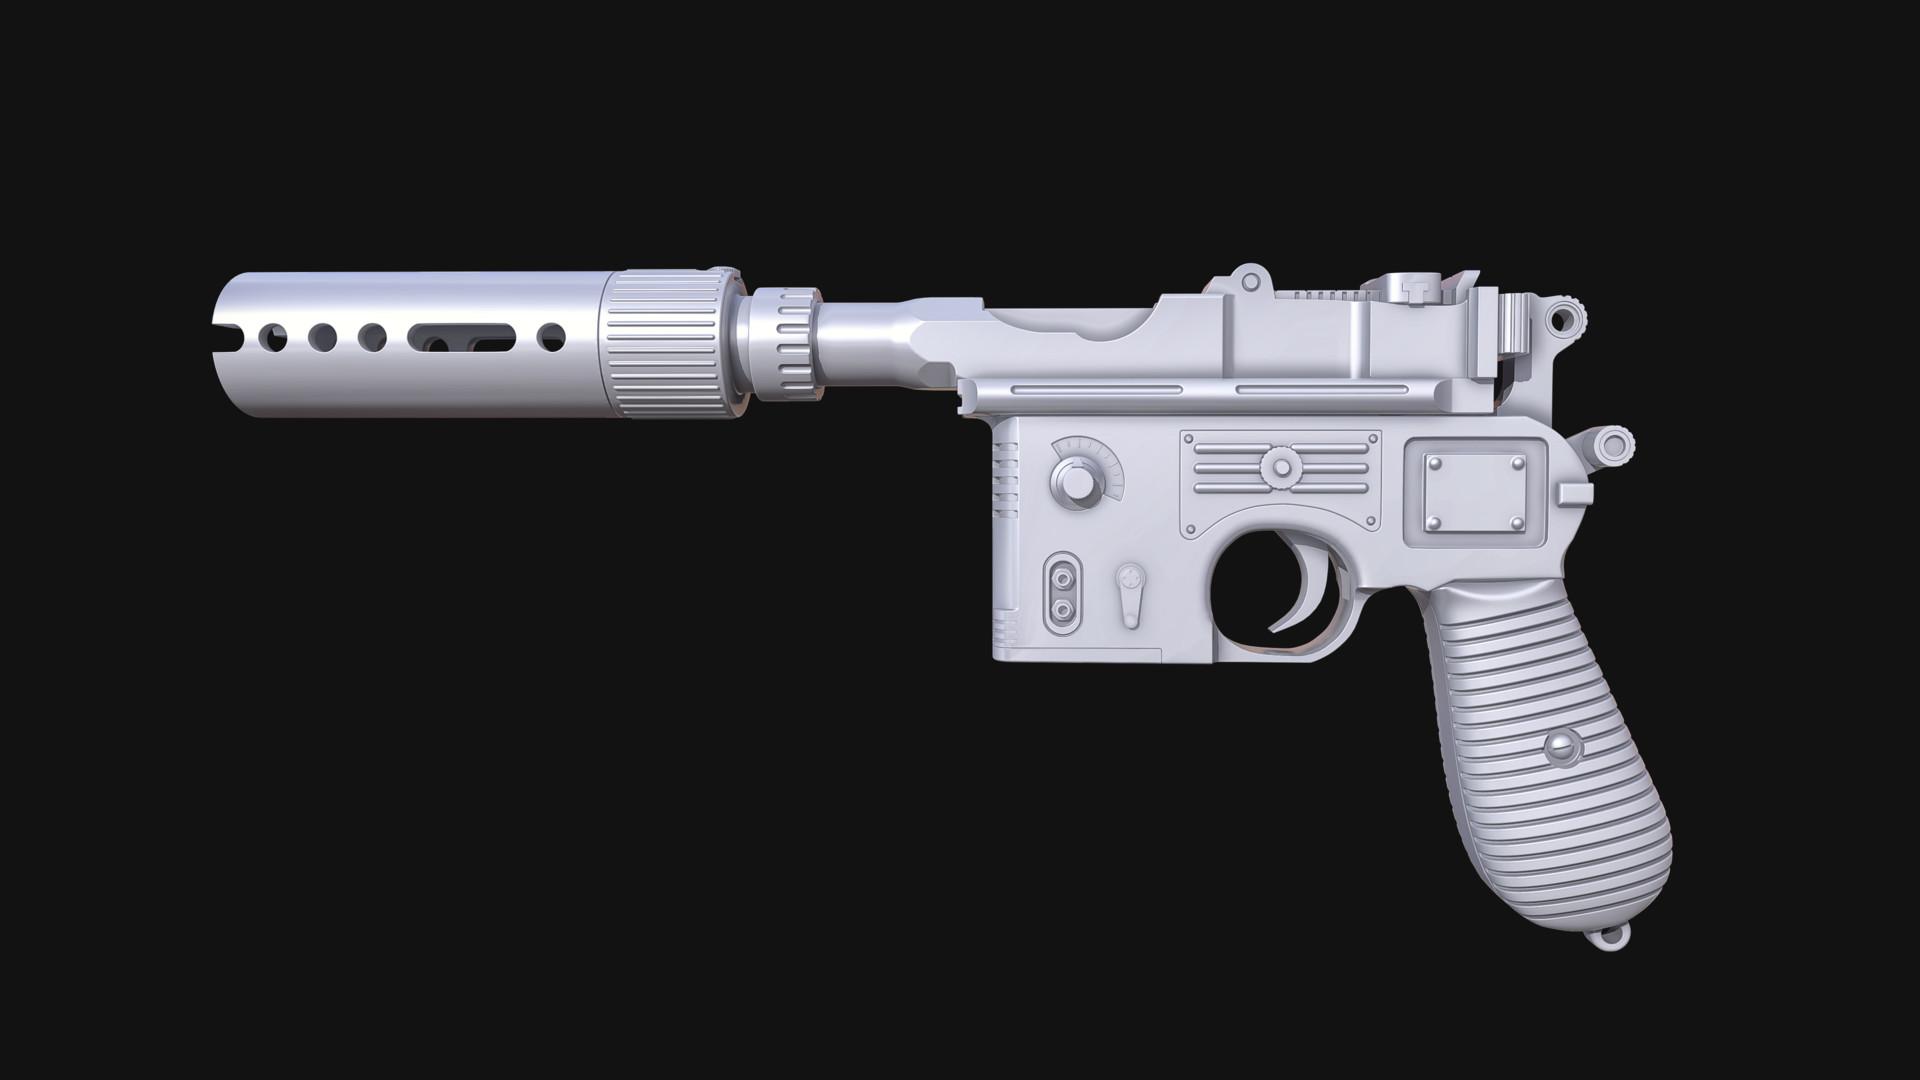 Markel milanes mtx20 blaster 02